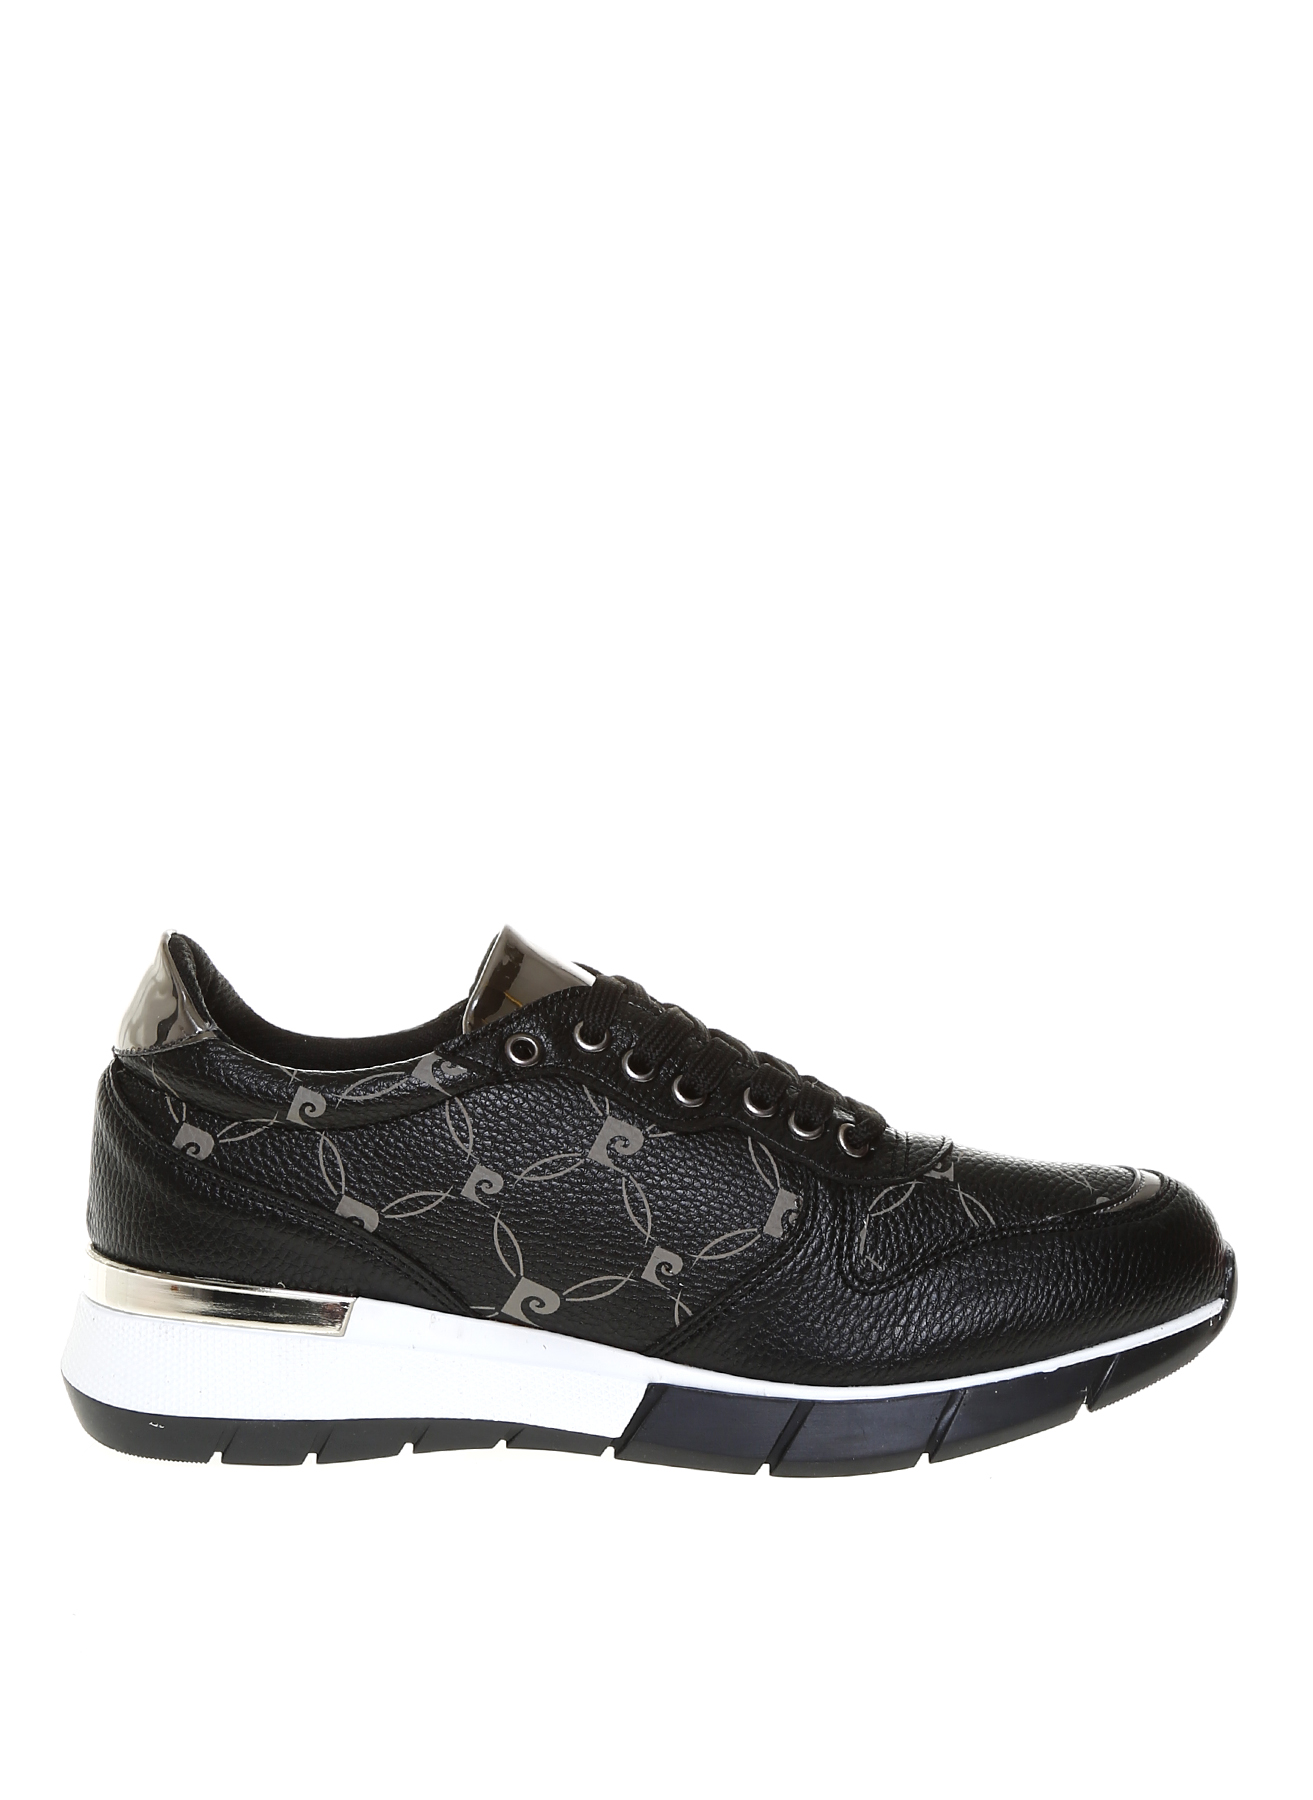 Pierre Cardin Düz Ayakkabı 37 5001705169002 Ürün Resmi